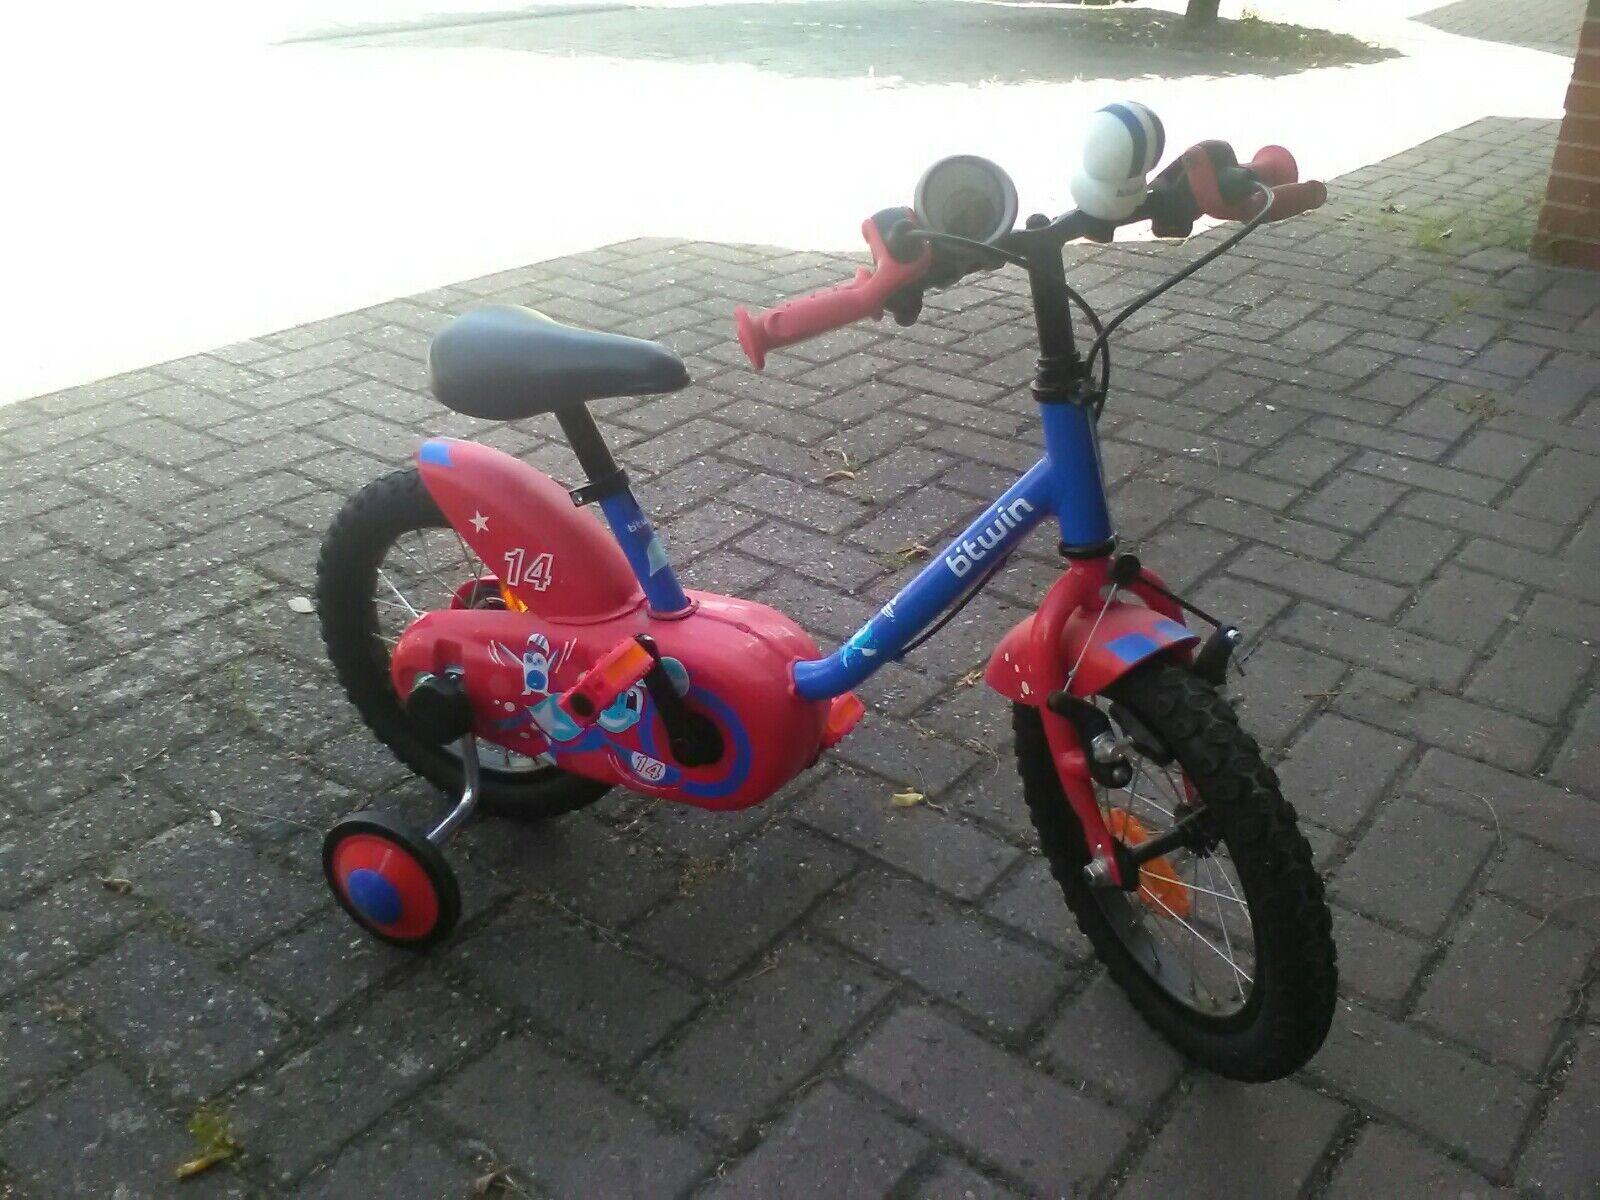 B'twin Kinder Fahrrad 14 14 14 Zoll 9f2e65